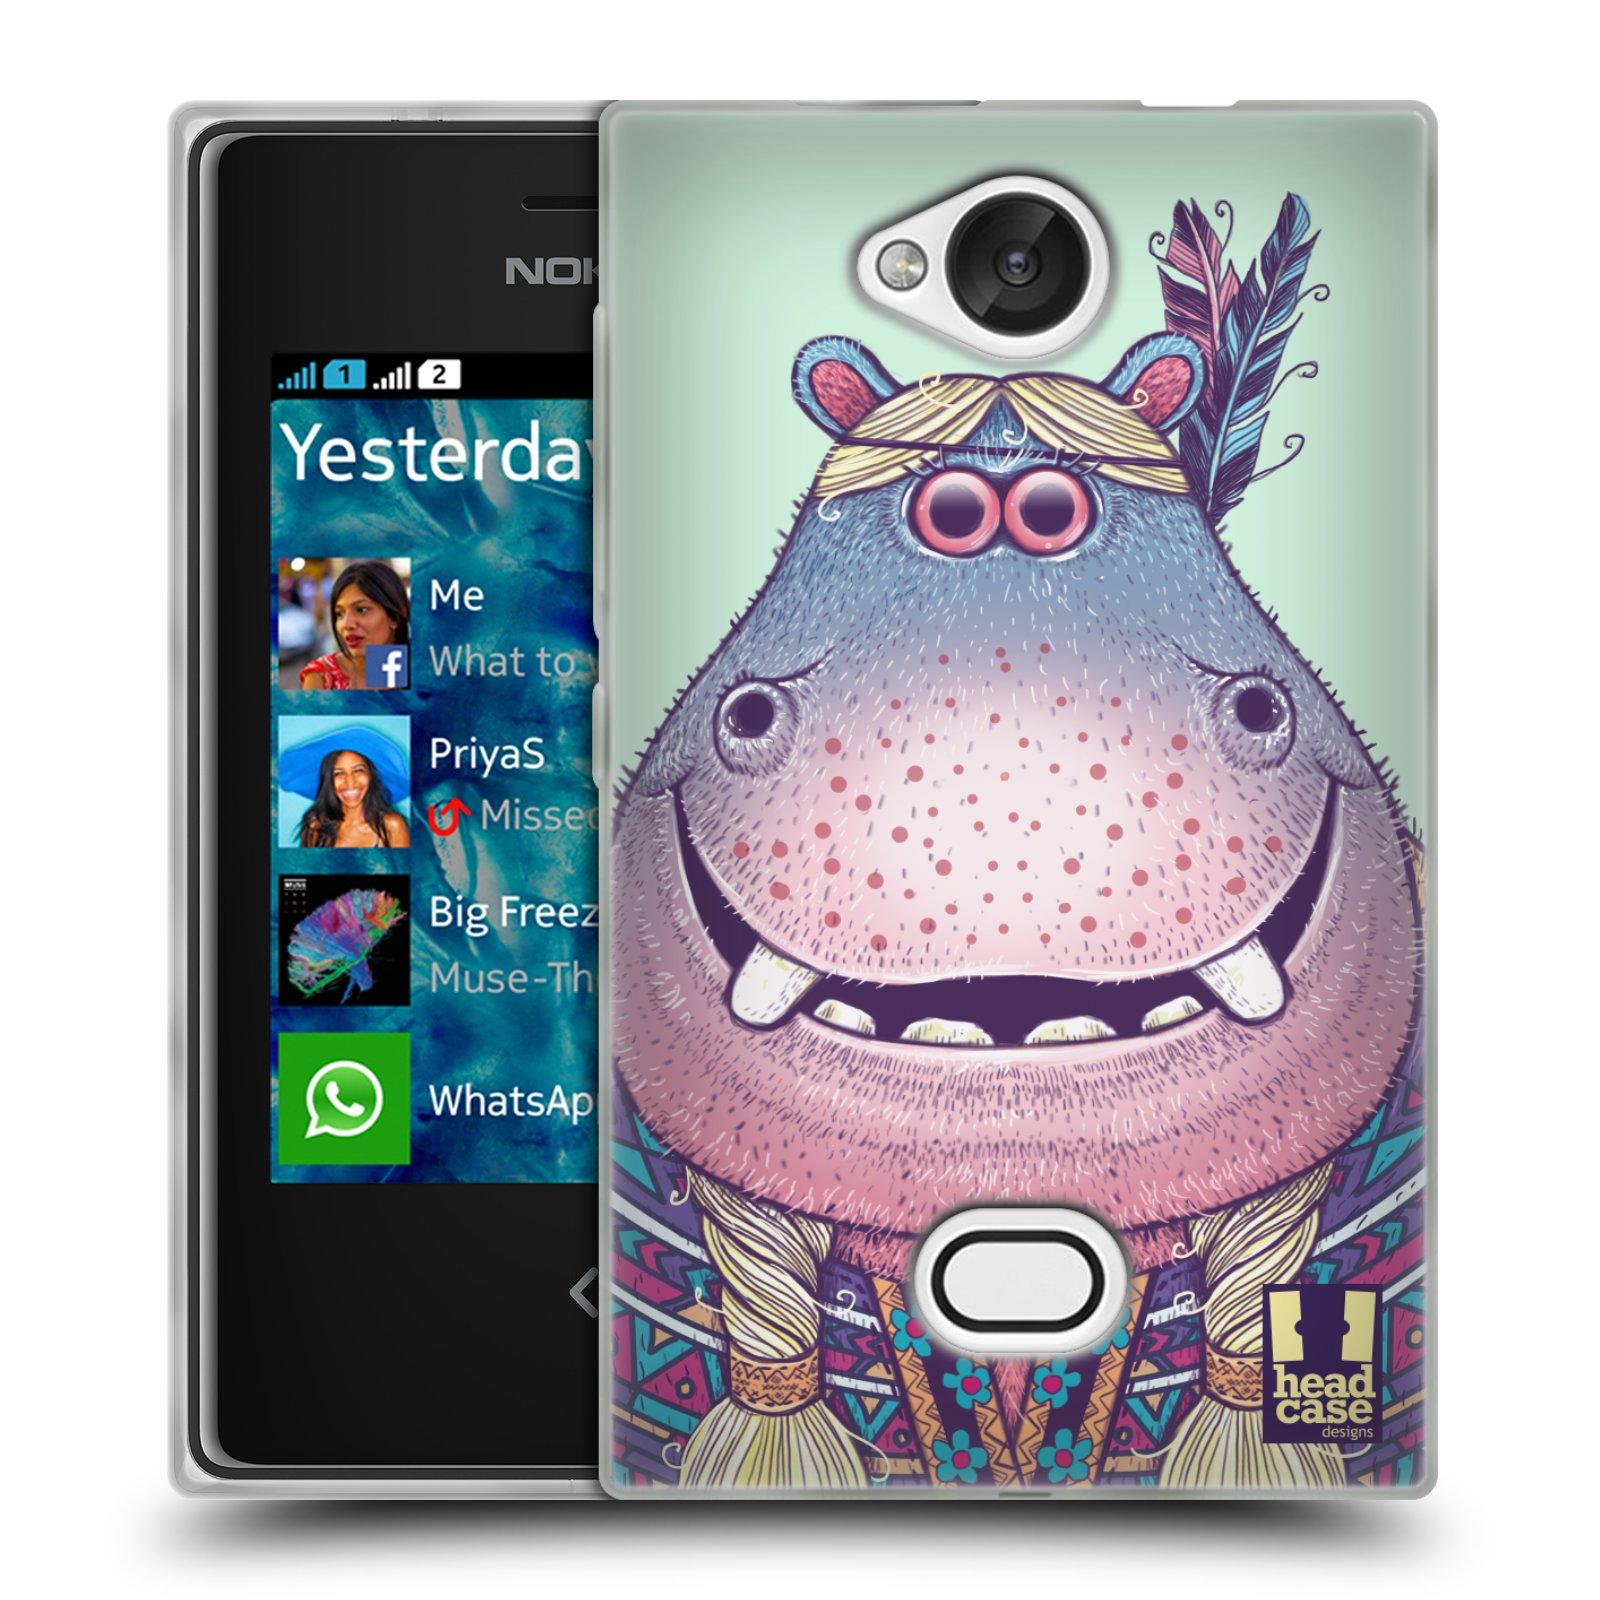 HEAD CASE silikonový obal na mobil NOKIA Asha 503 vzor Kreslená zvířátka hroch